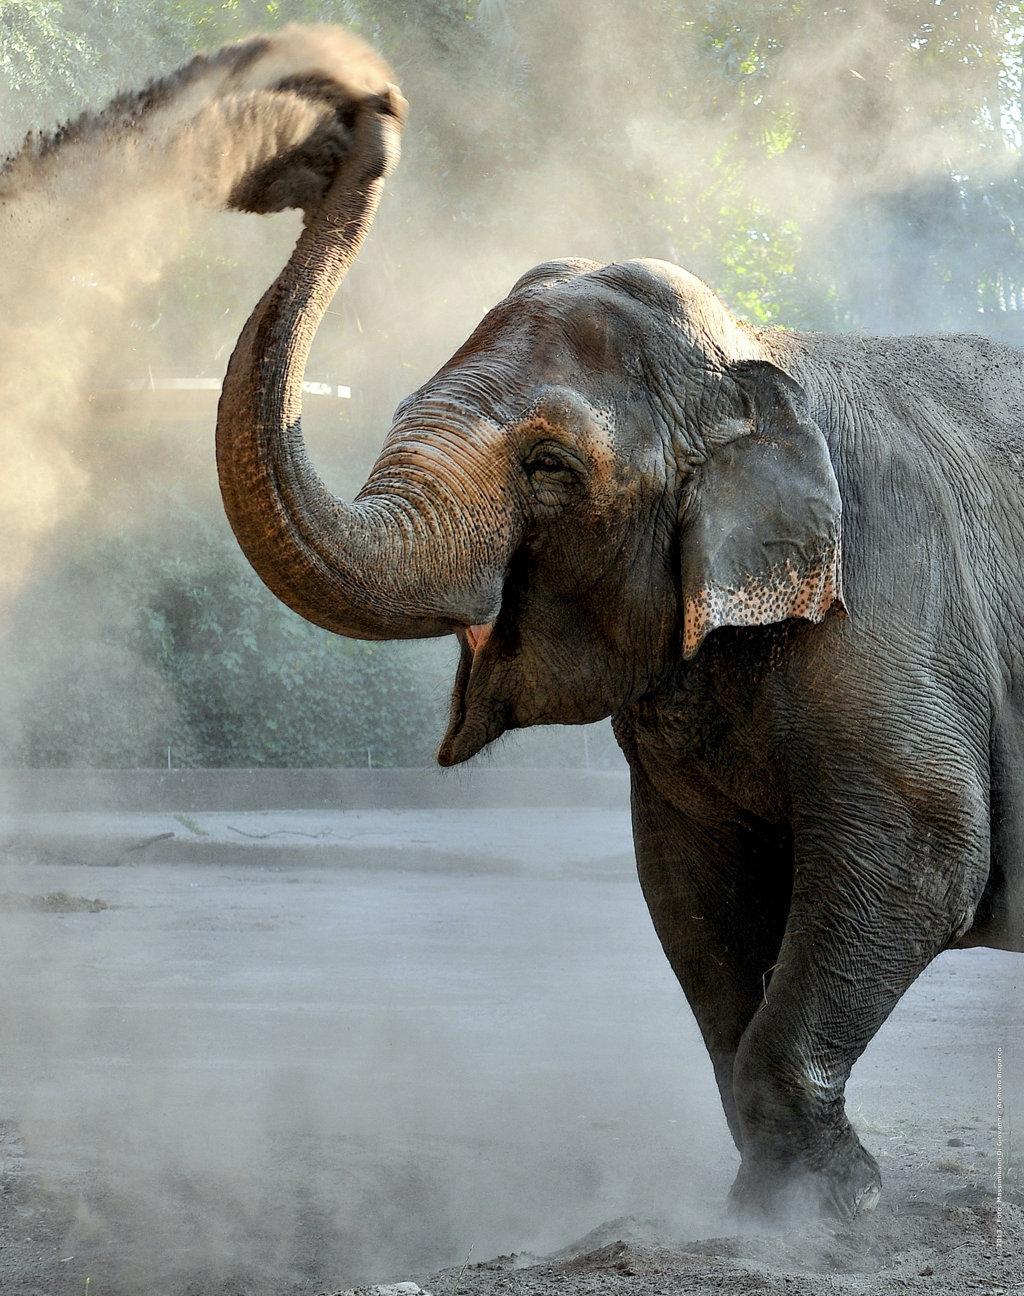 Elefante asiatico _ Foto Massimiliano Di Giovanni - Archivio Bioparco LAKSHMI FILEminimizerjpg